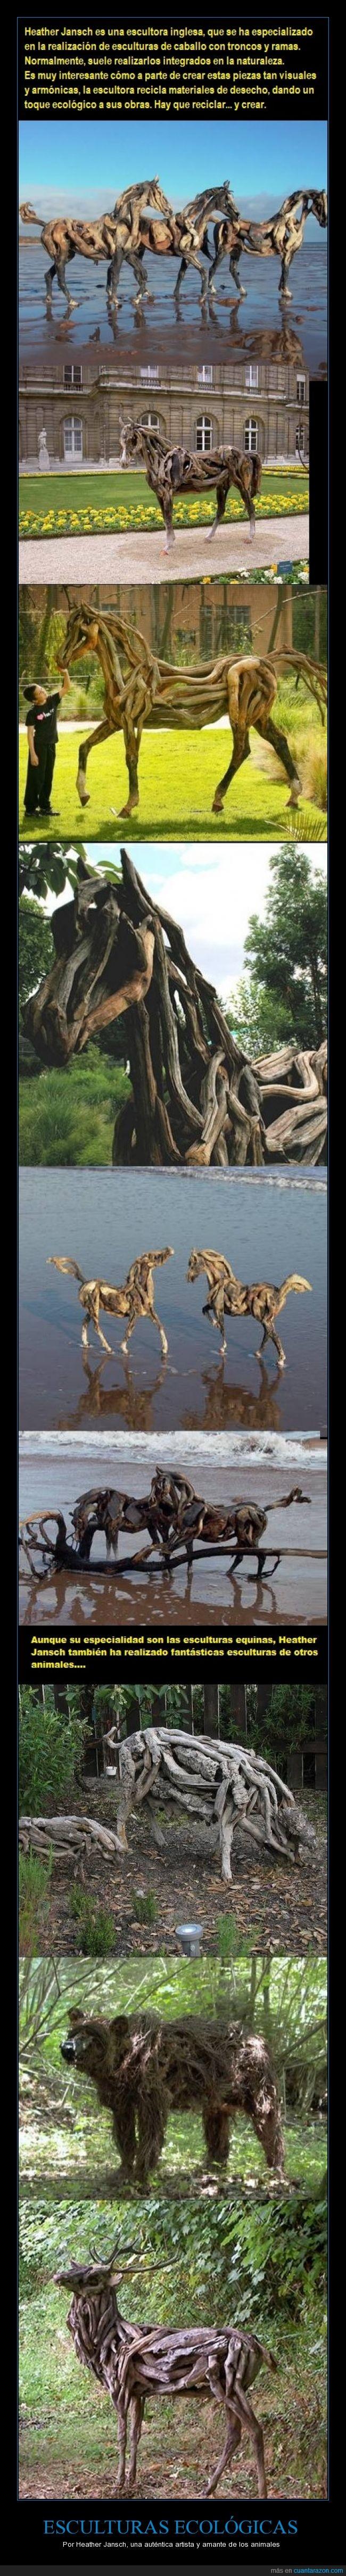 animales,arte,artista,caballos.,esculturas de madre,esculturas ecologicas,heather jansch,reciclar